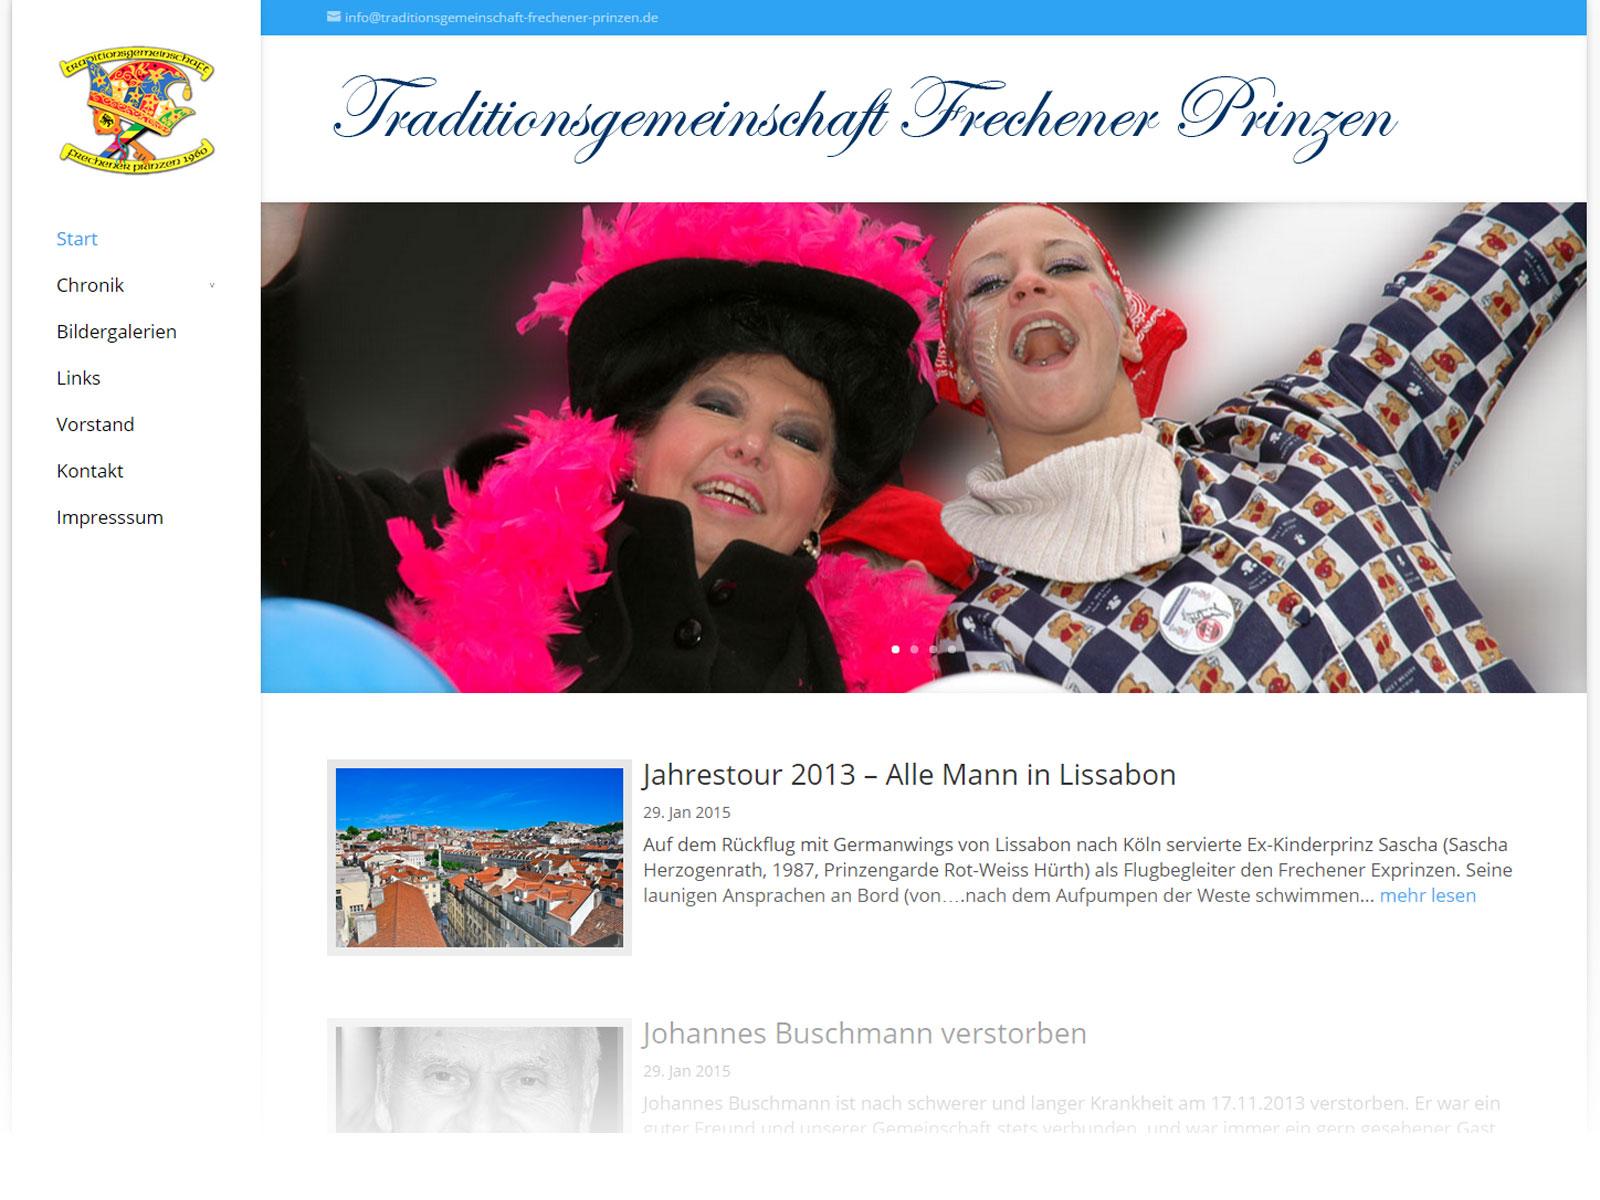 Traditionsgemeinschaft Frechener Prinzen